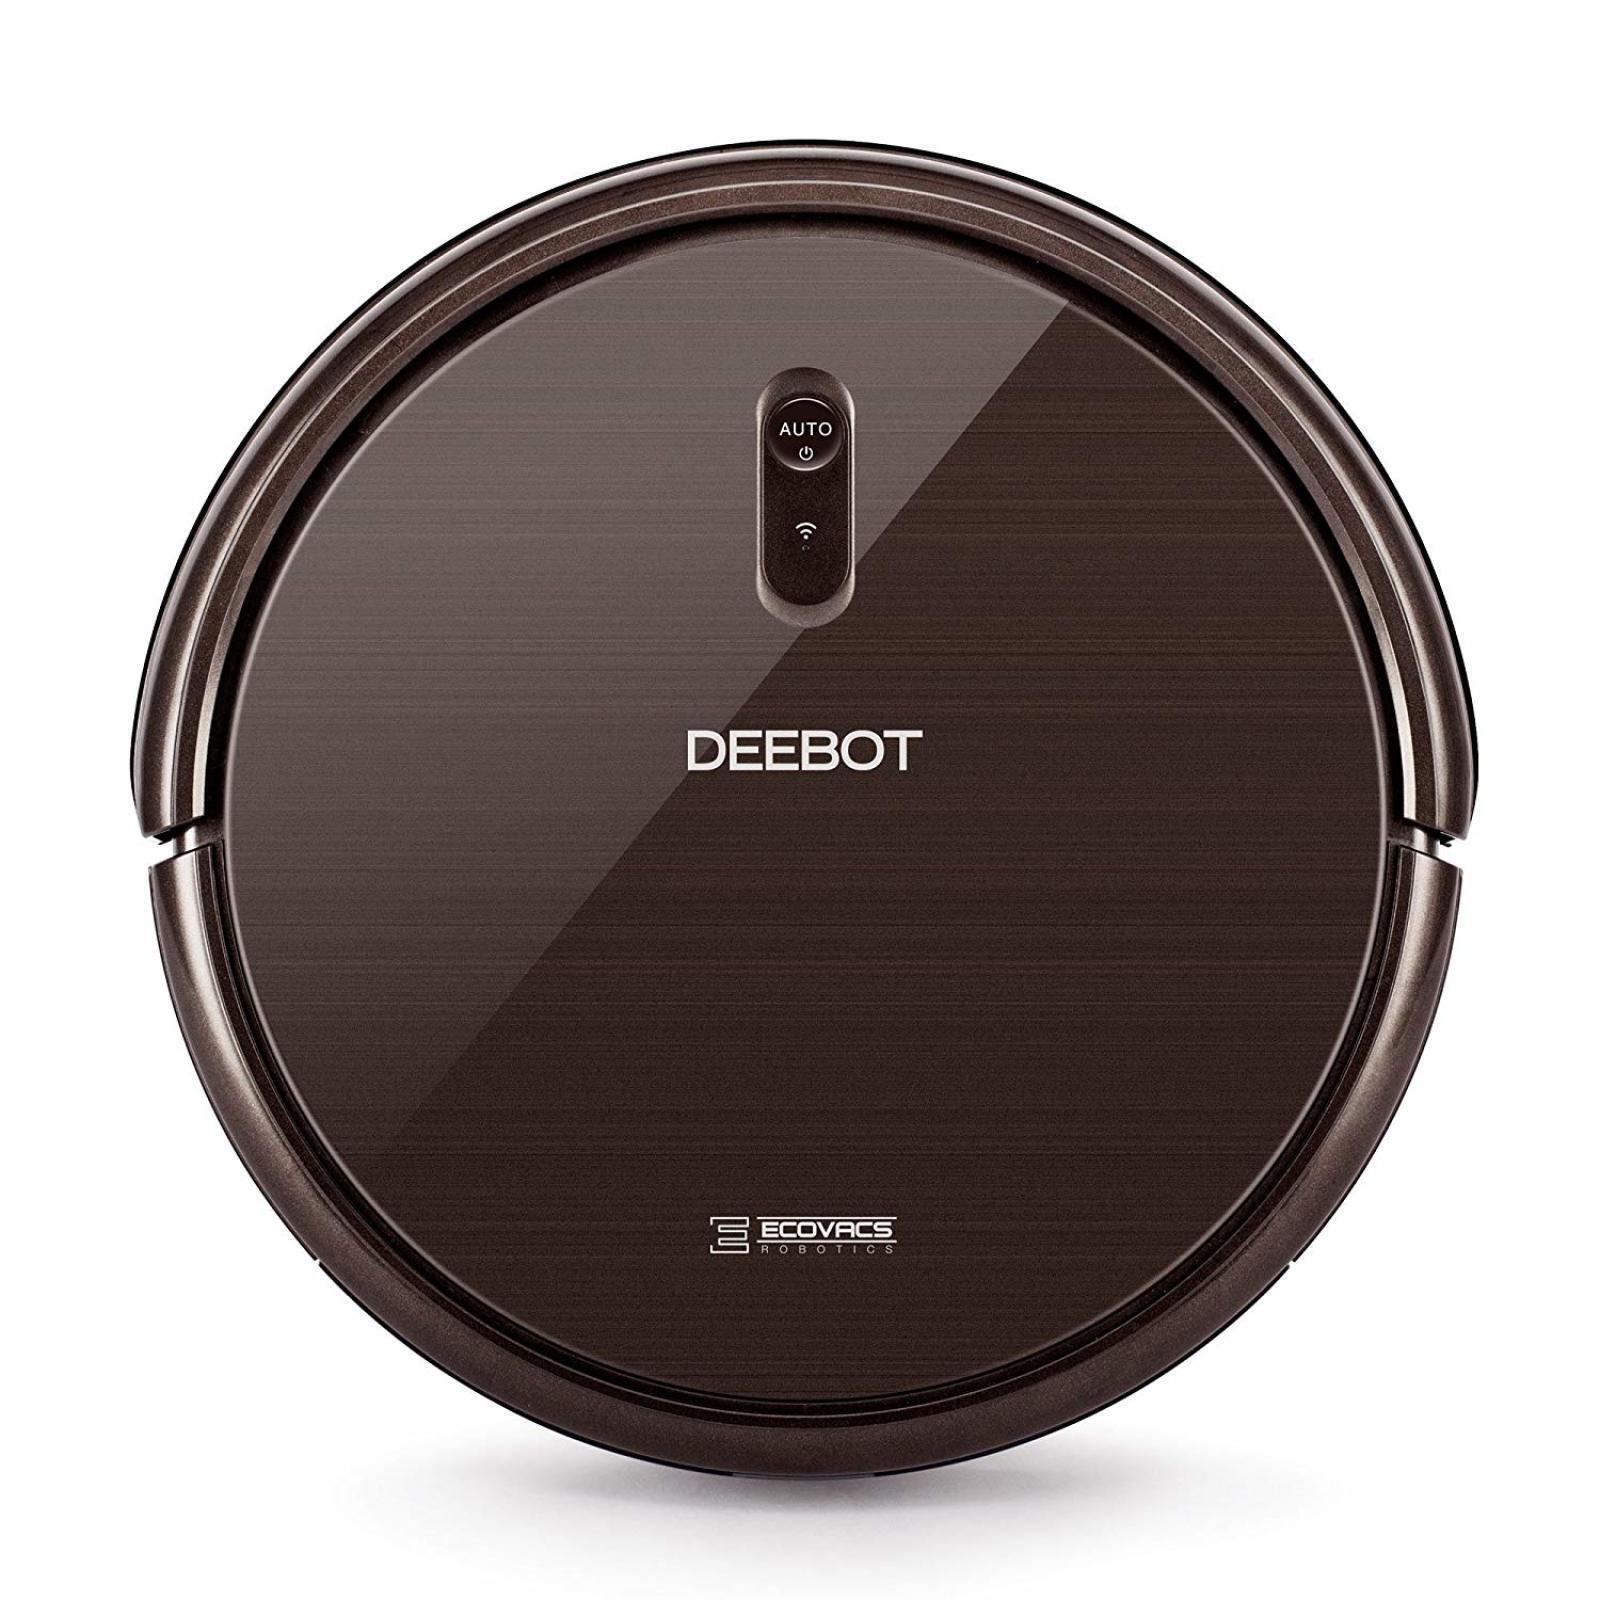 Ecovacs Deebot N79S Robot Vacuum Cleaner - Brown